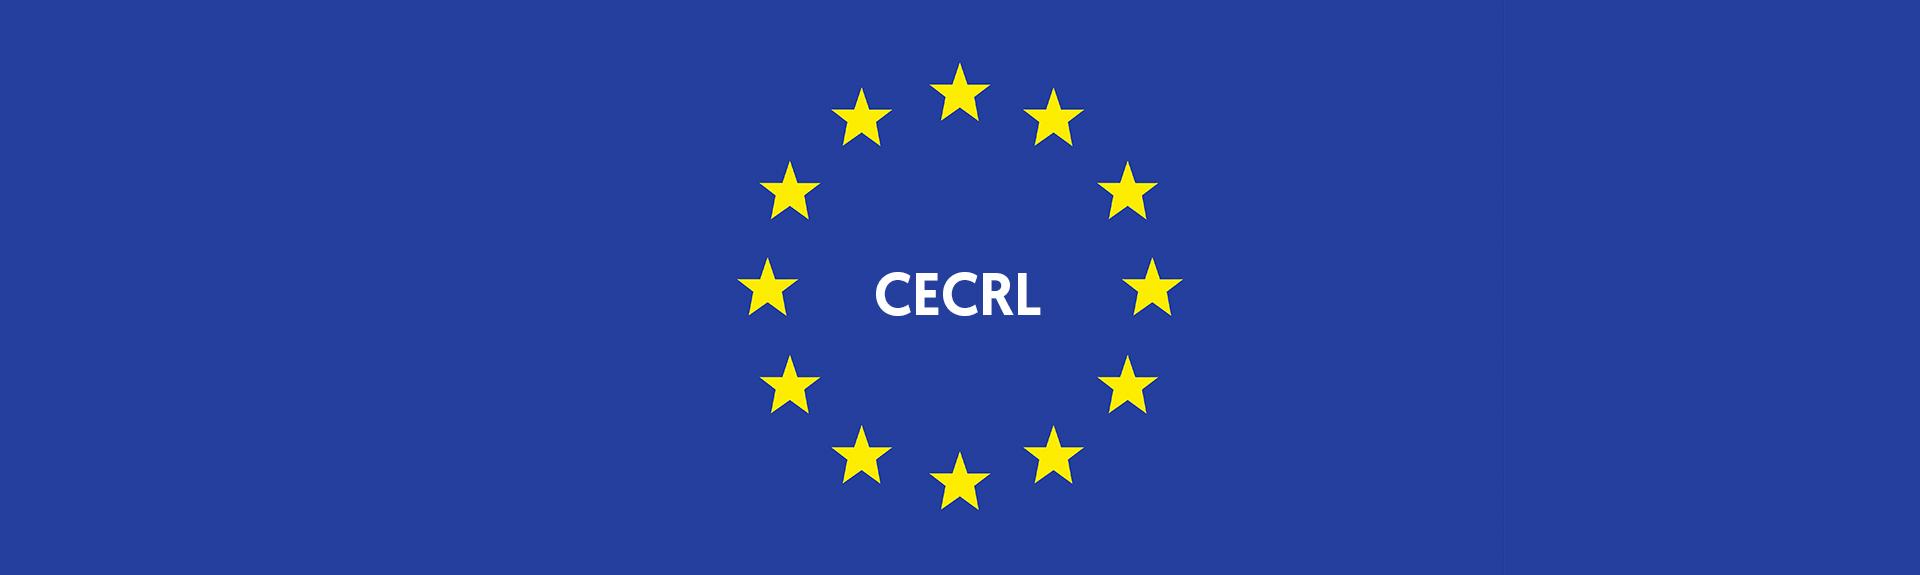 Header CECRL